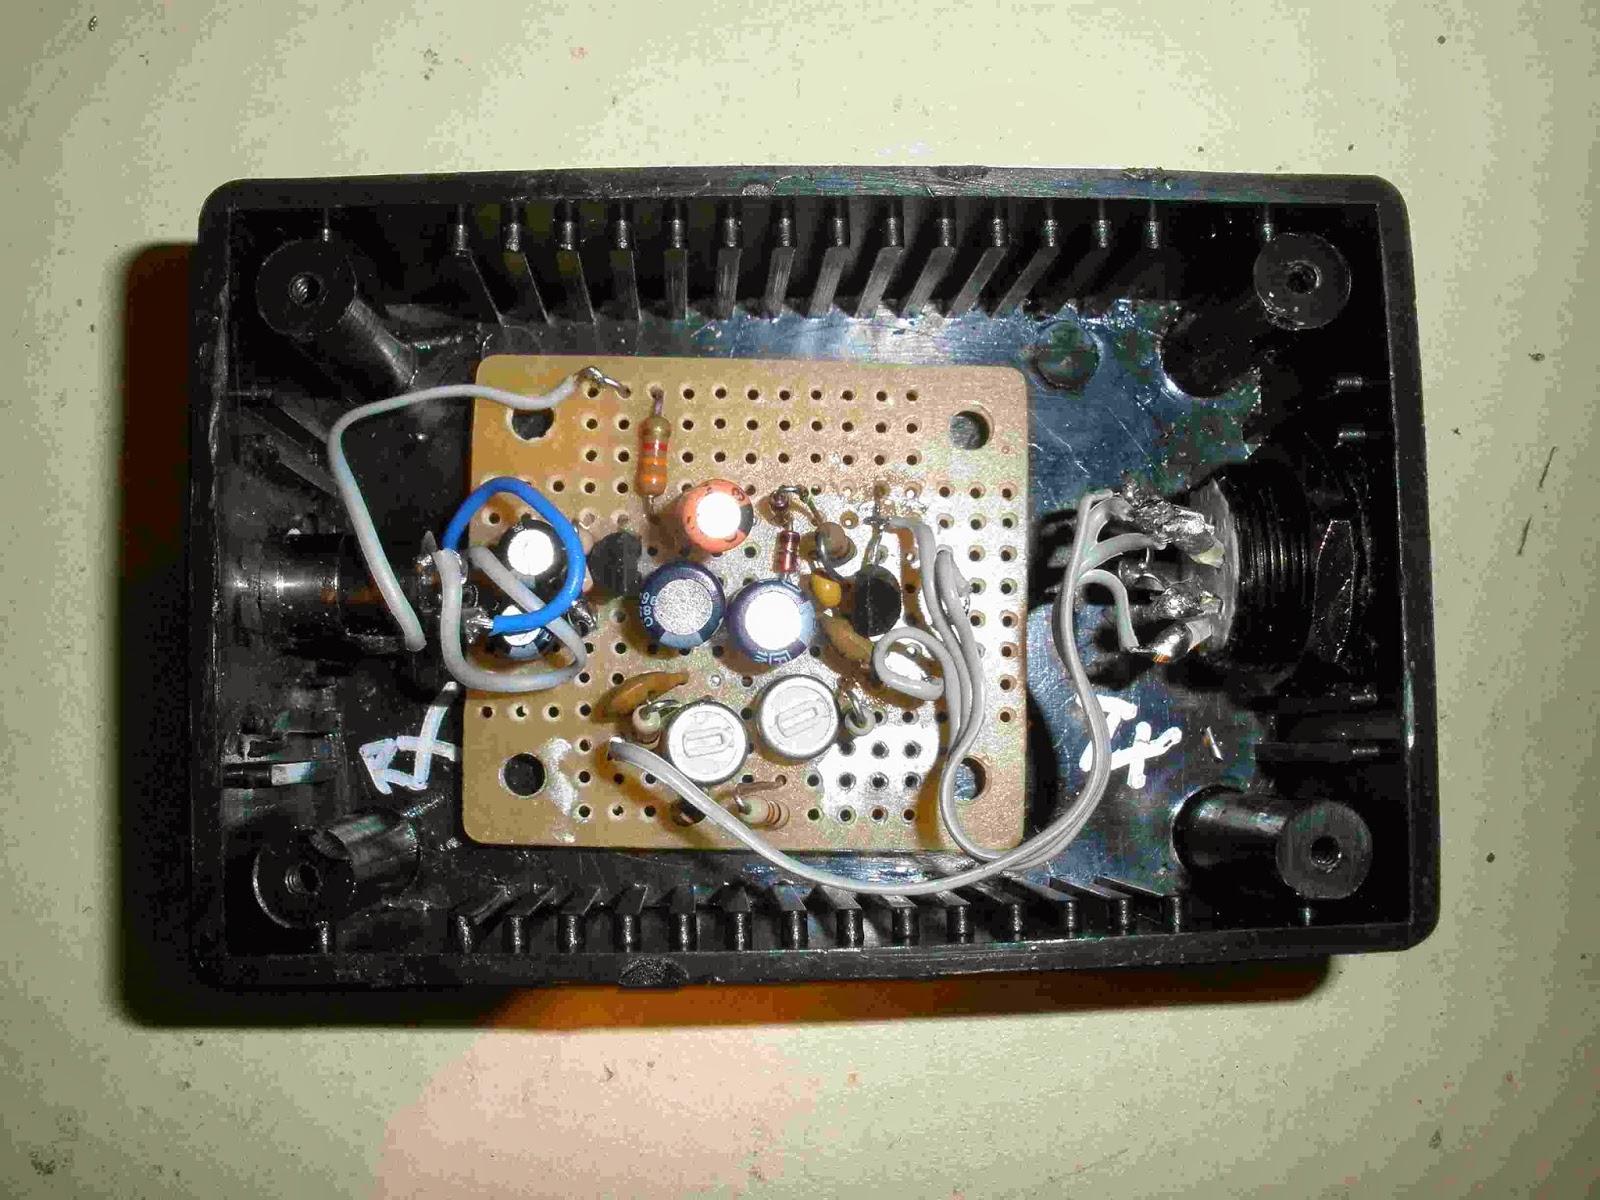 nexu 7 circuit diagram [ 1600 x 1200 Pixel ]